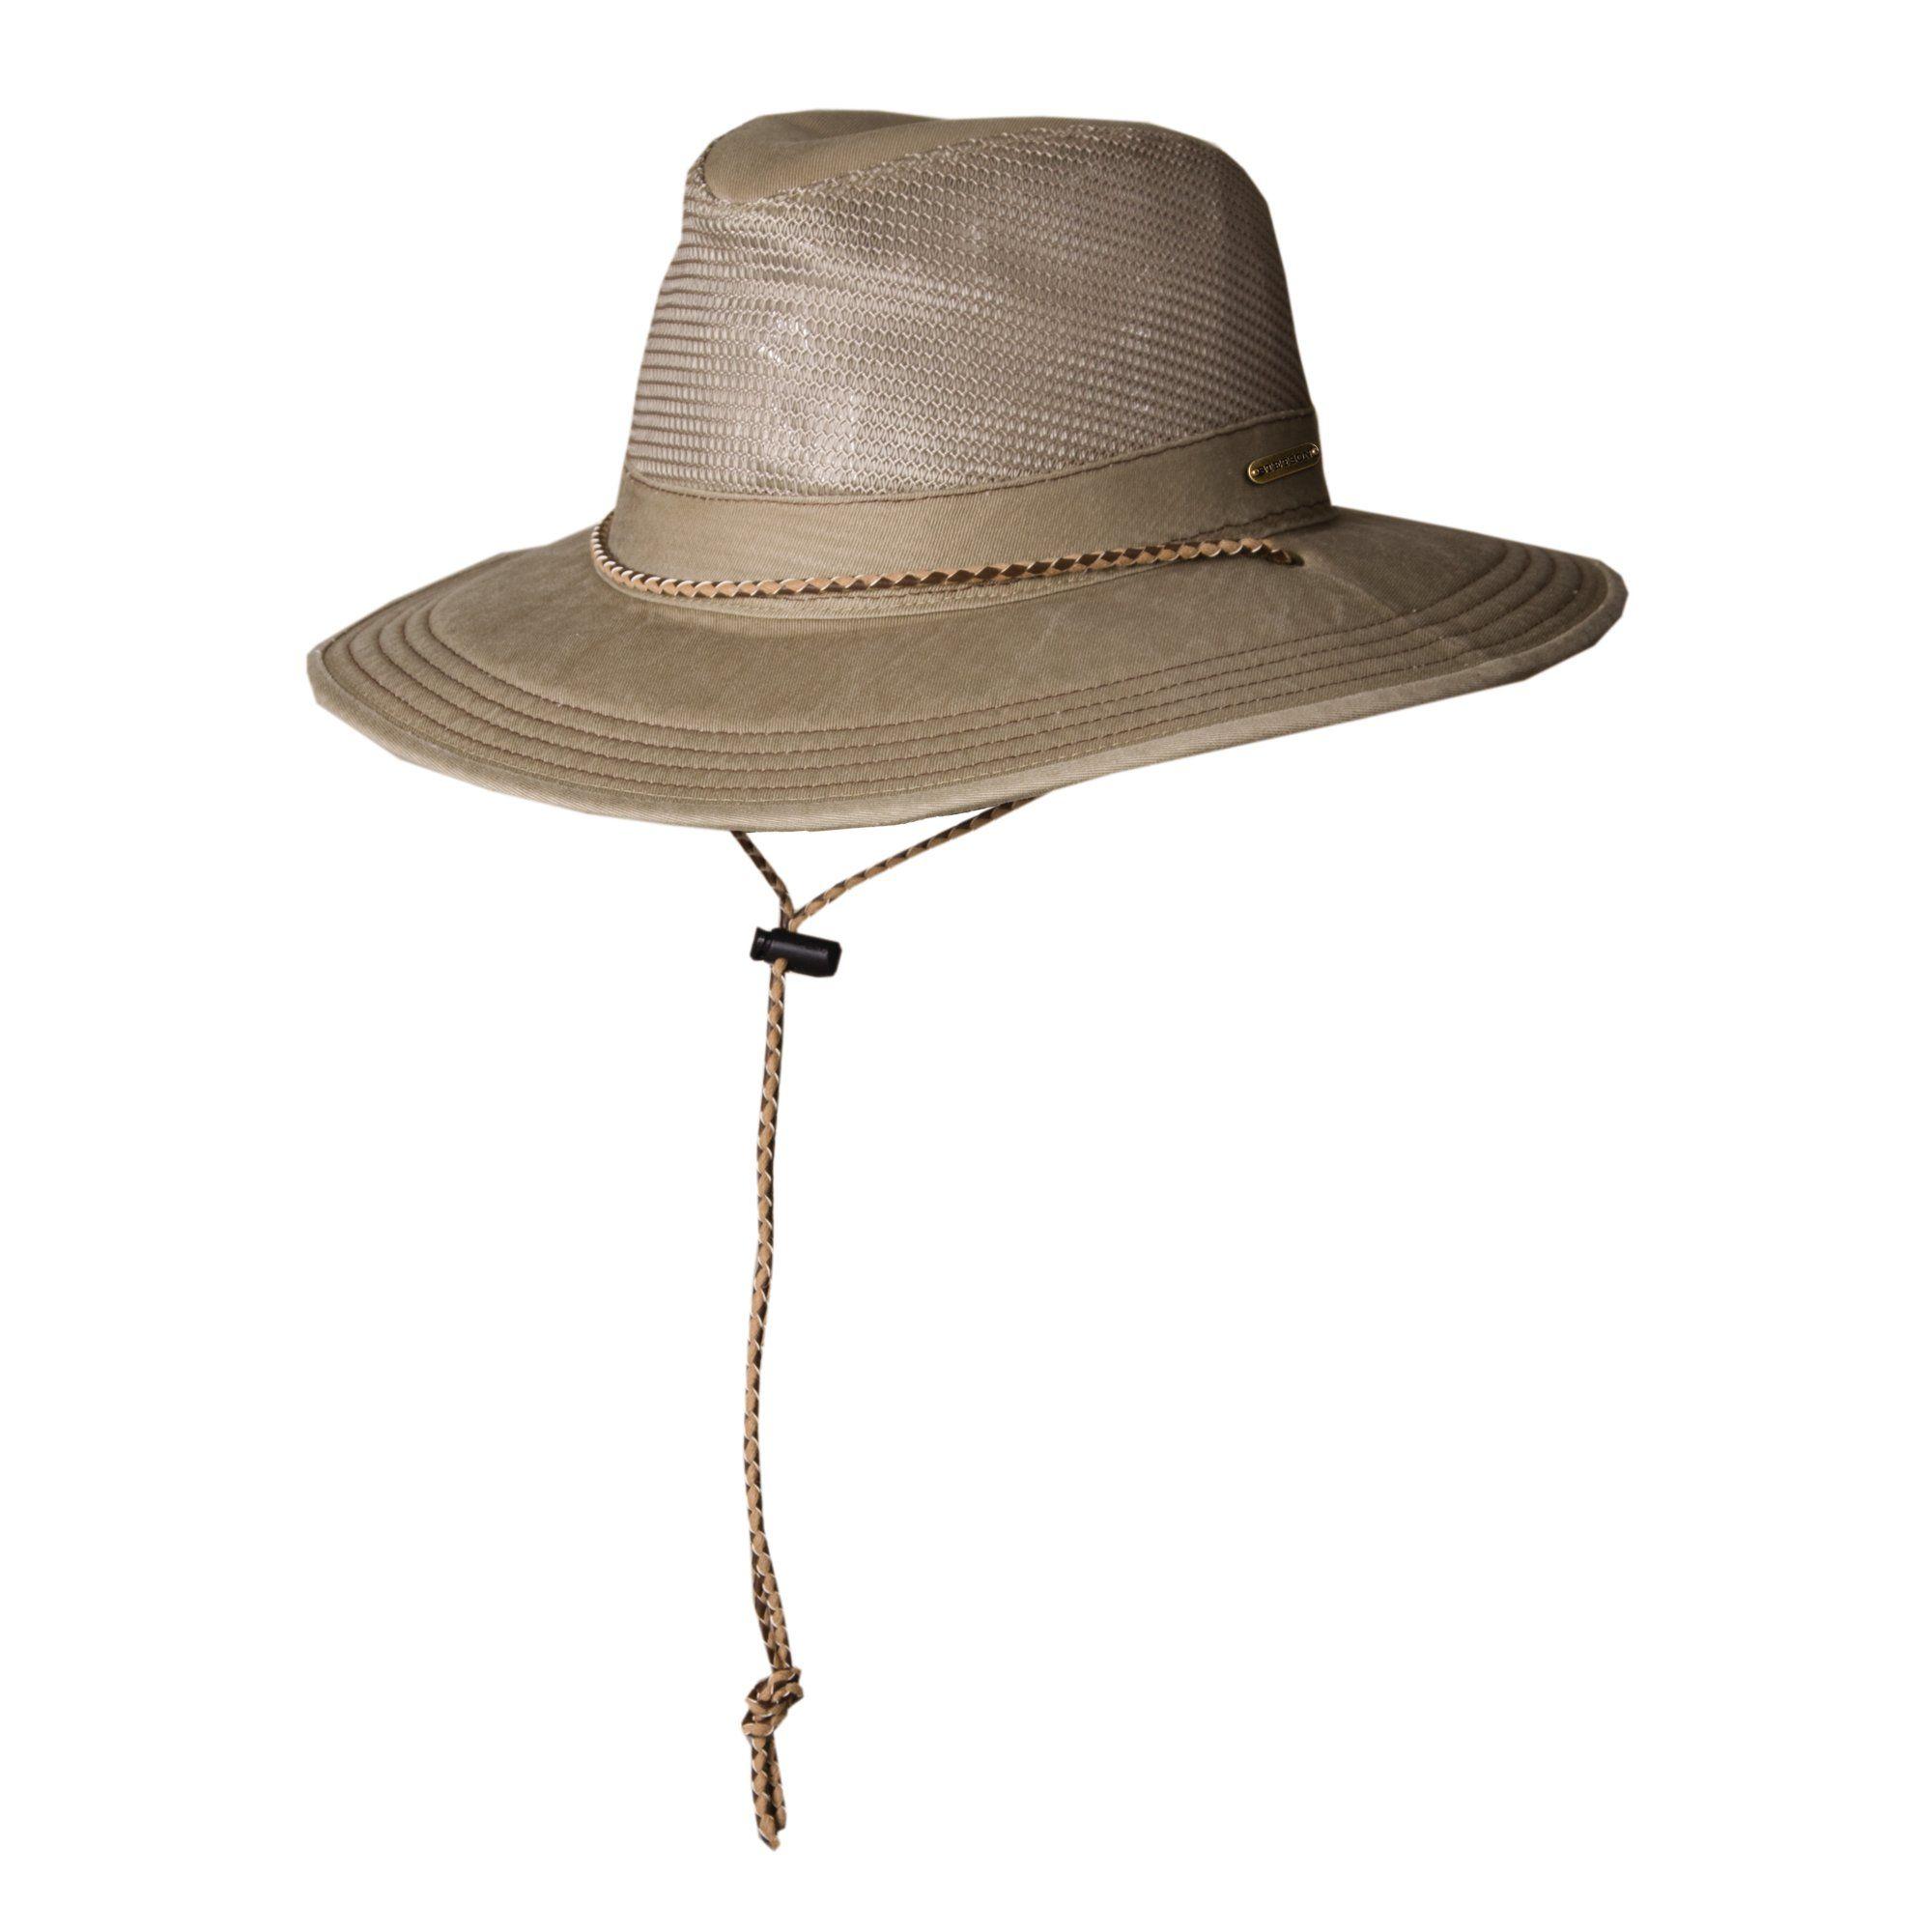 db05248521c Stetson Garment Washed Twill Safari Hat